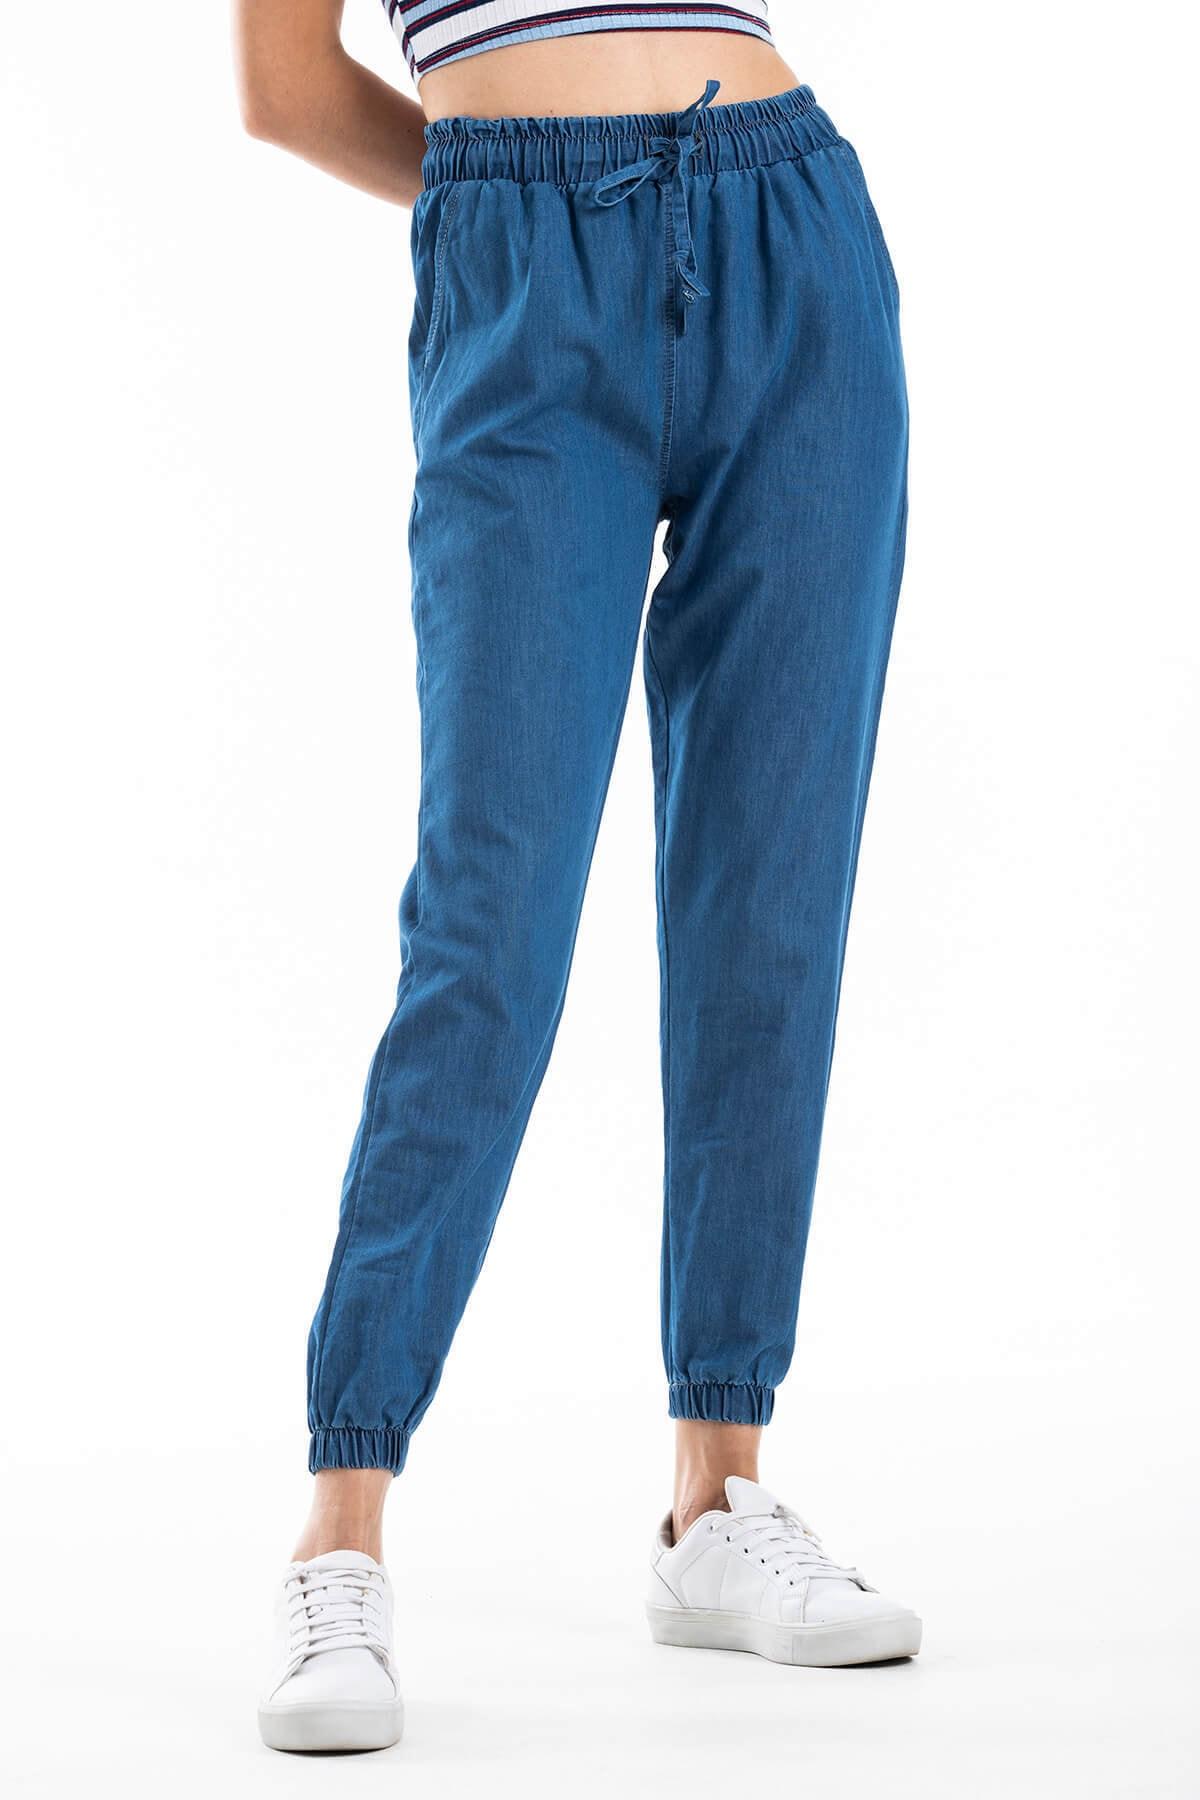 Mossta Kadın Lacivert Bel ve Paça Lastikli Pantolon 2